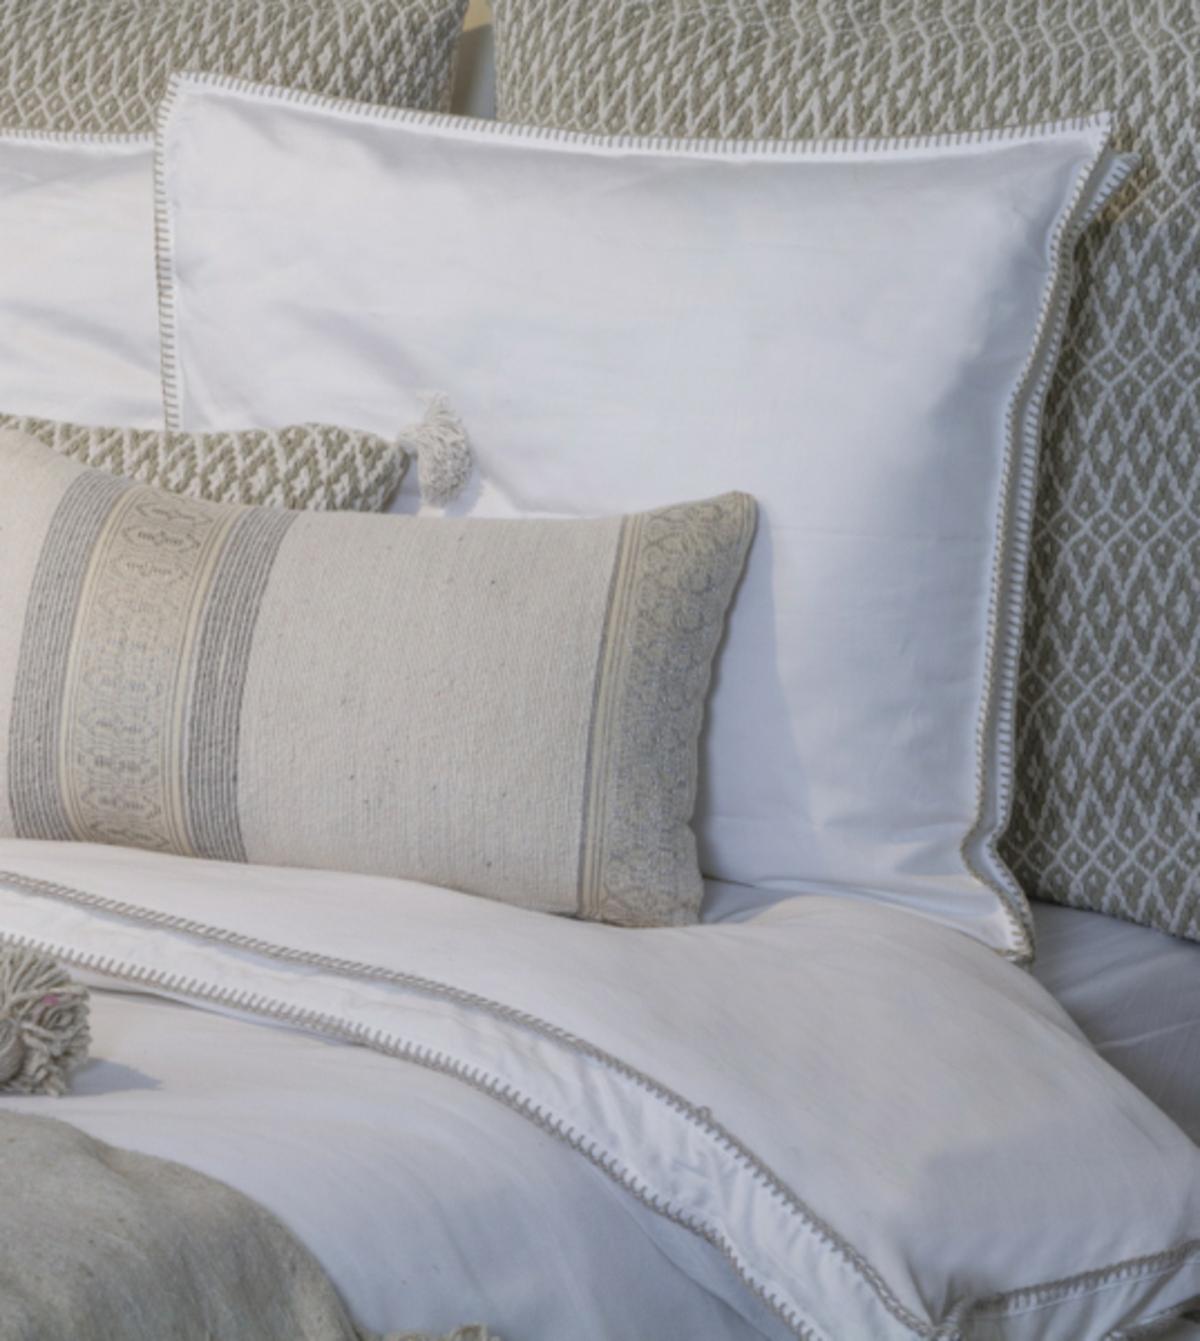 visintin leben mit stil flamant. Black Bedroom Furniture Sets. Home Design Ideas